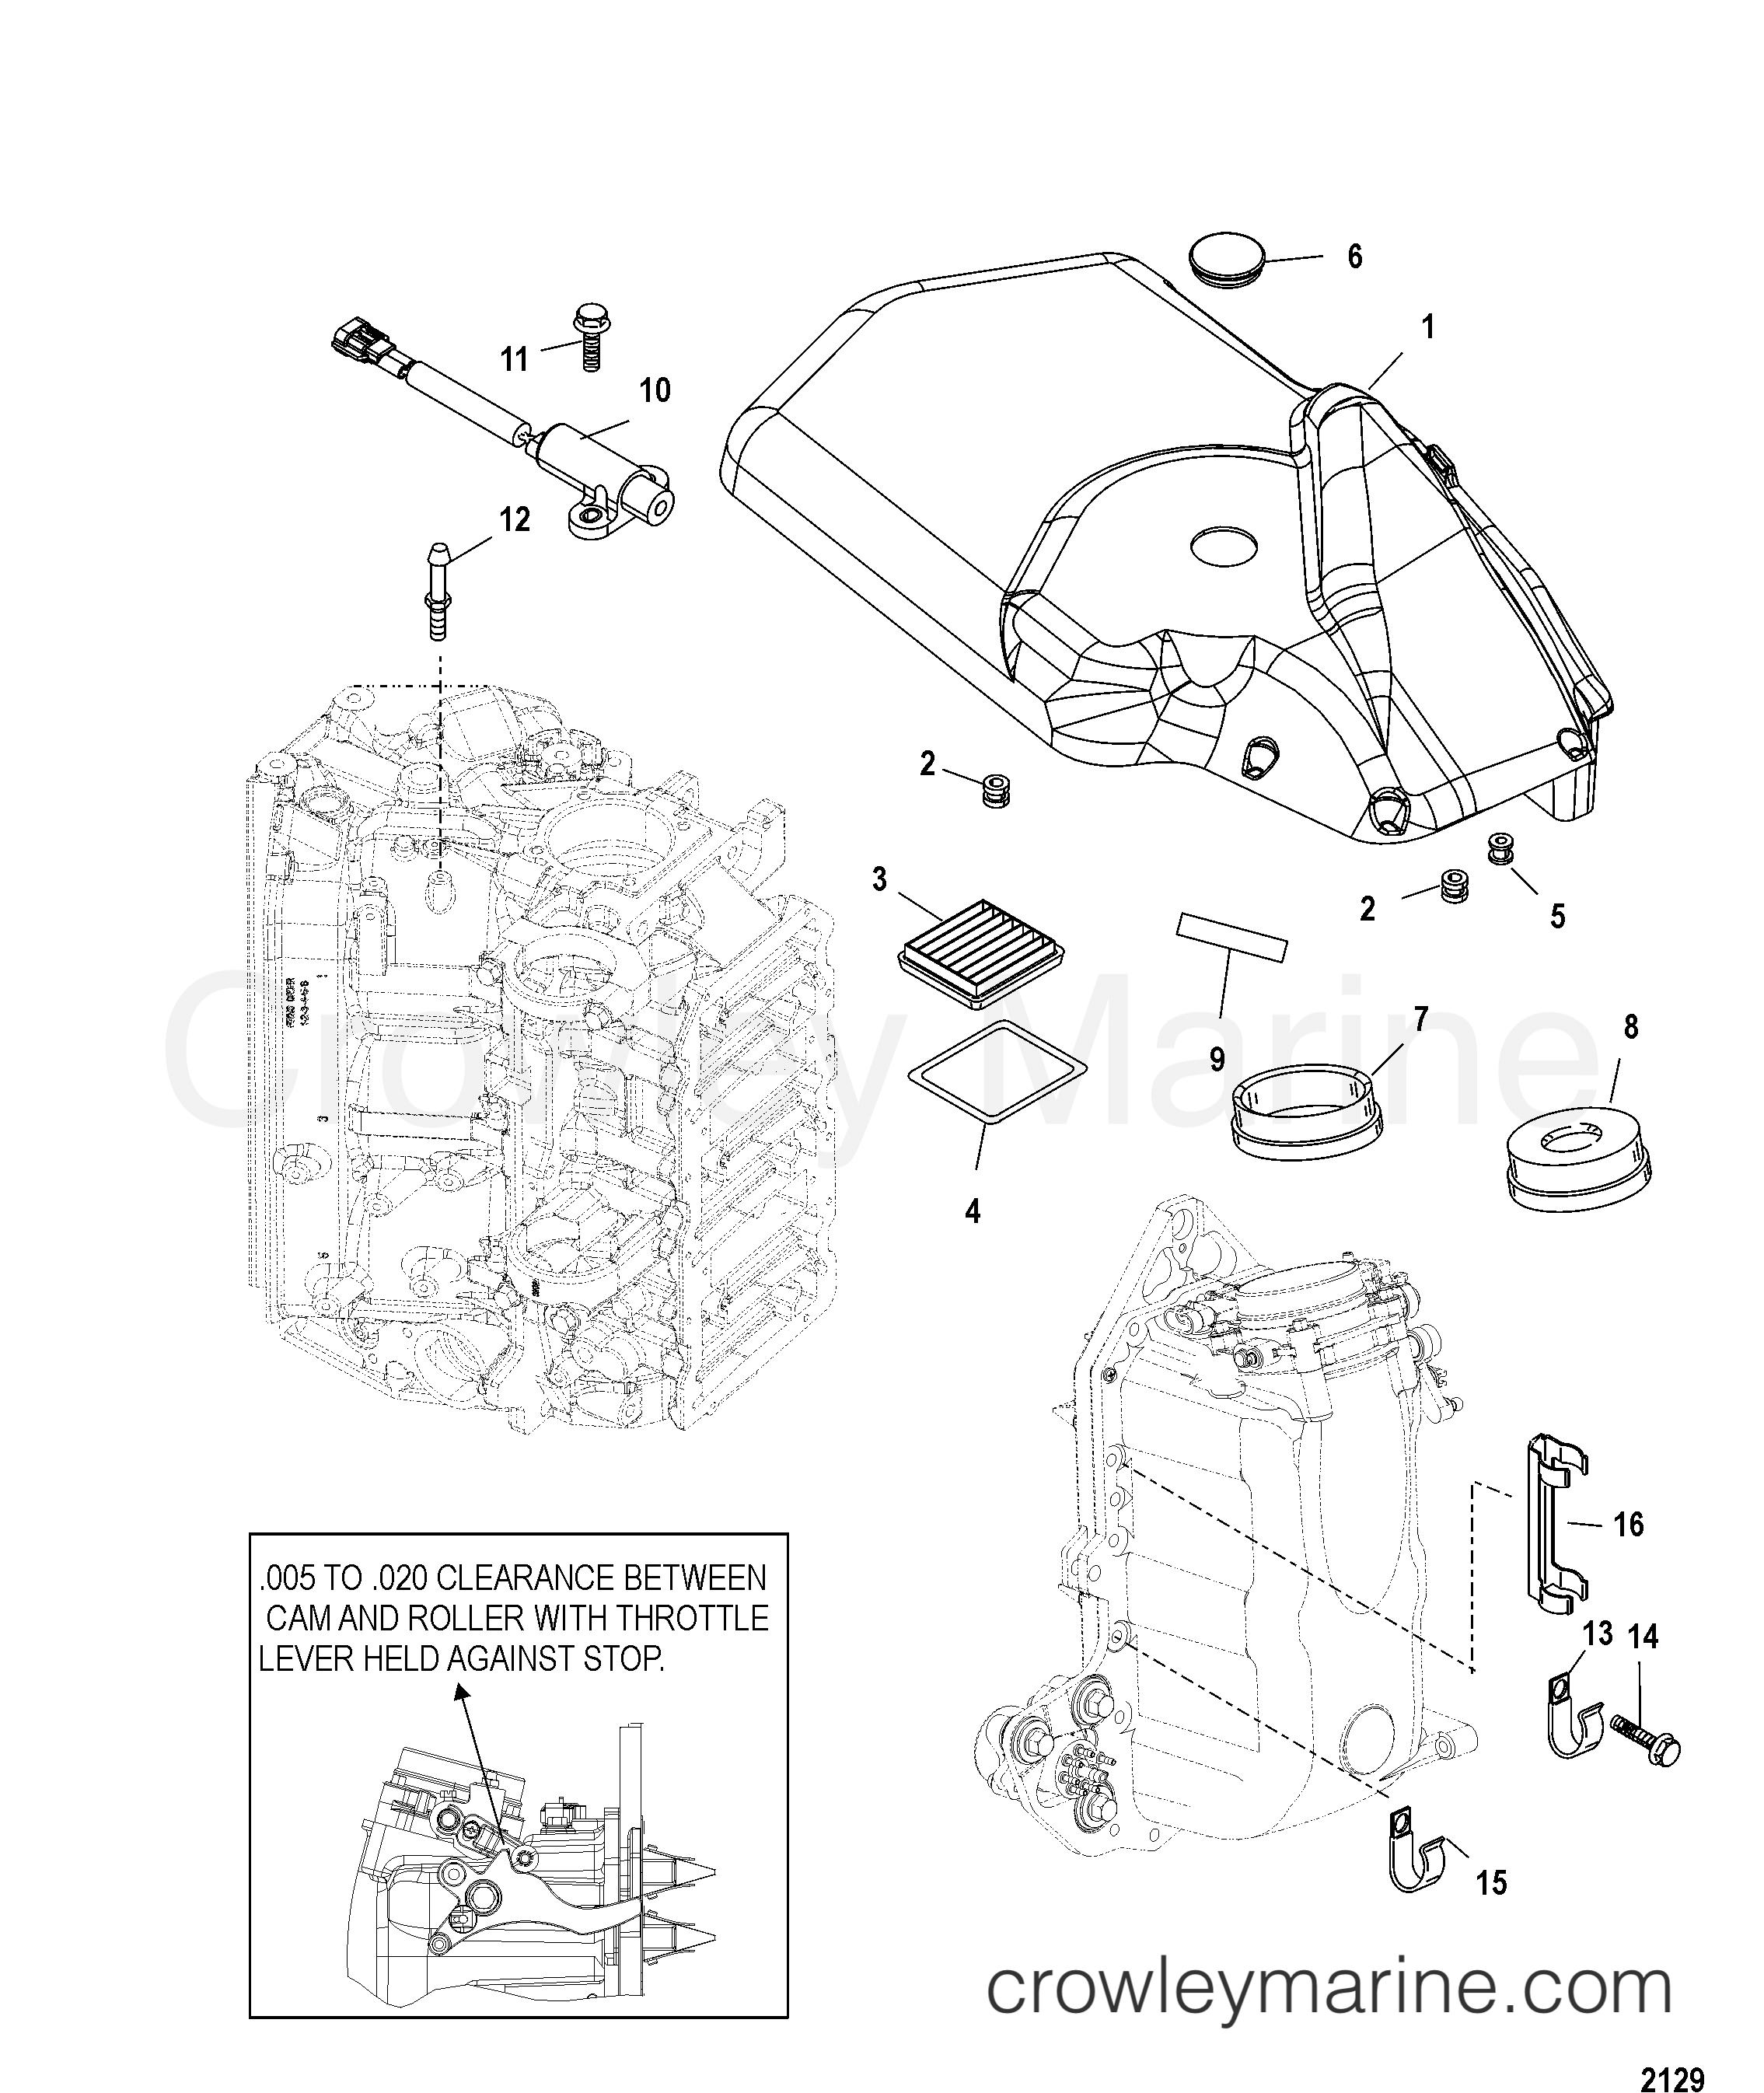 mercury 160 engine diagram